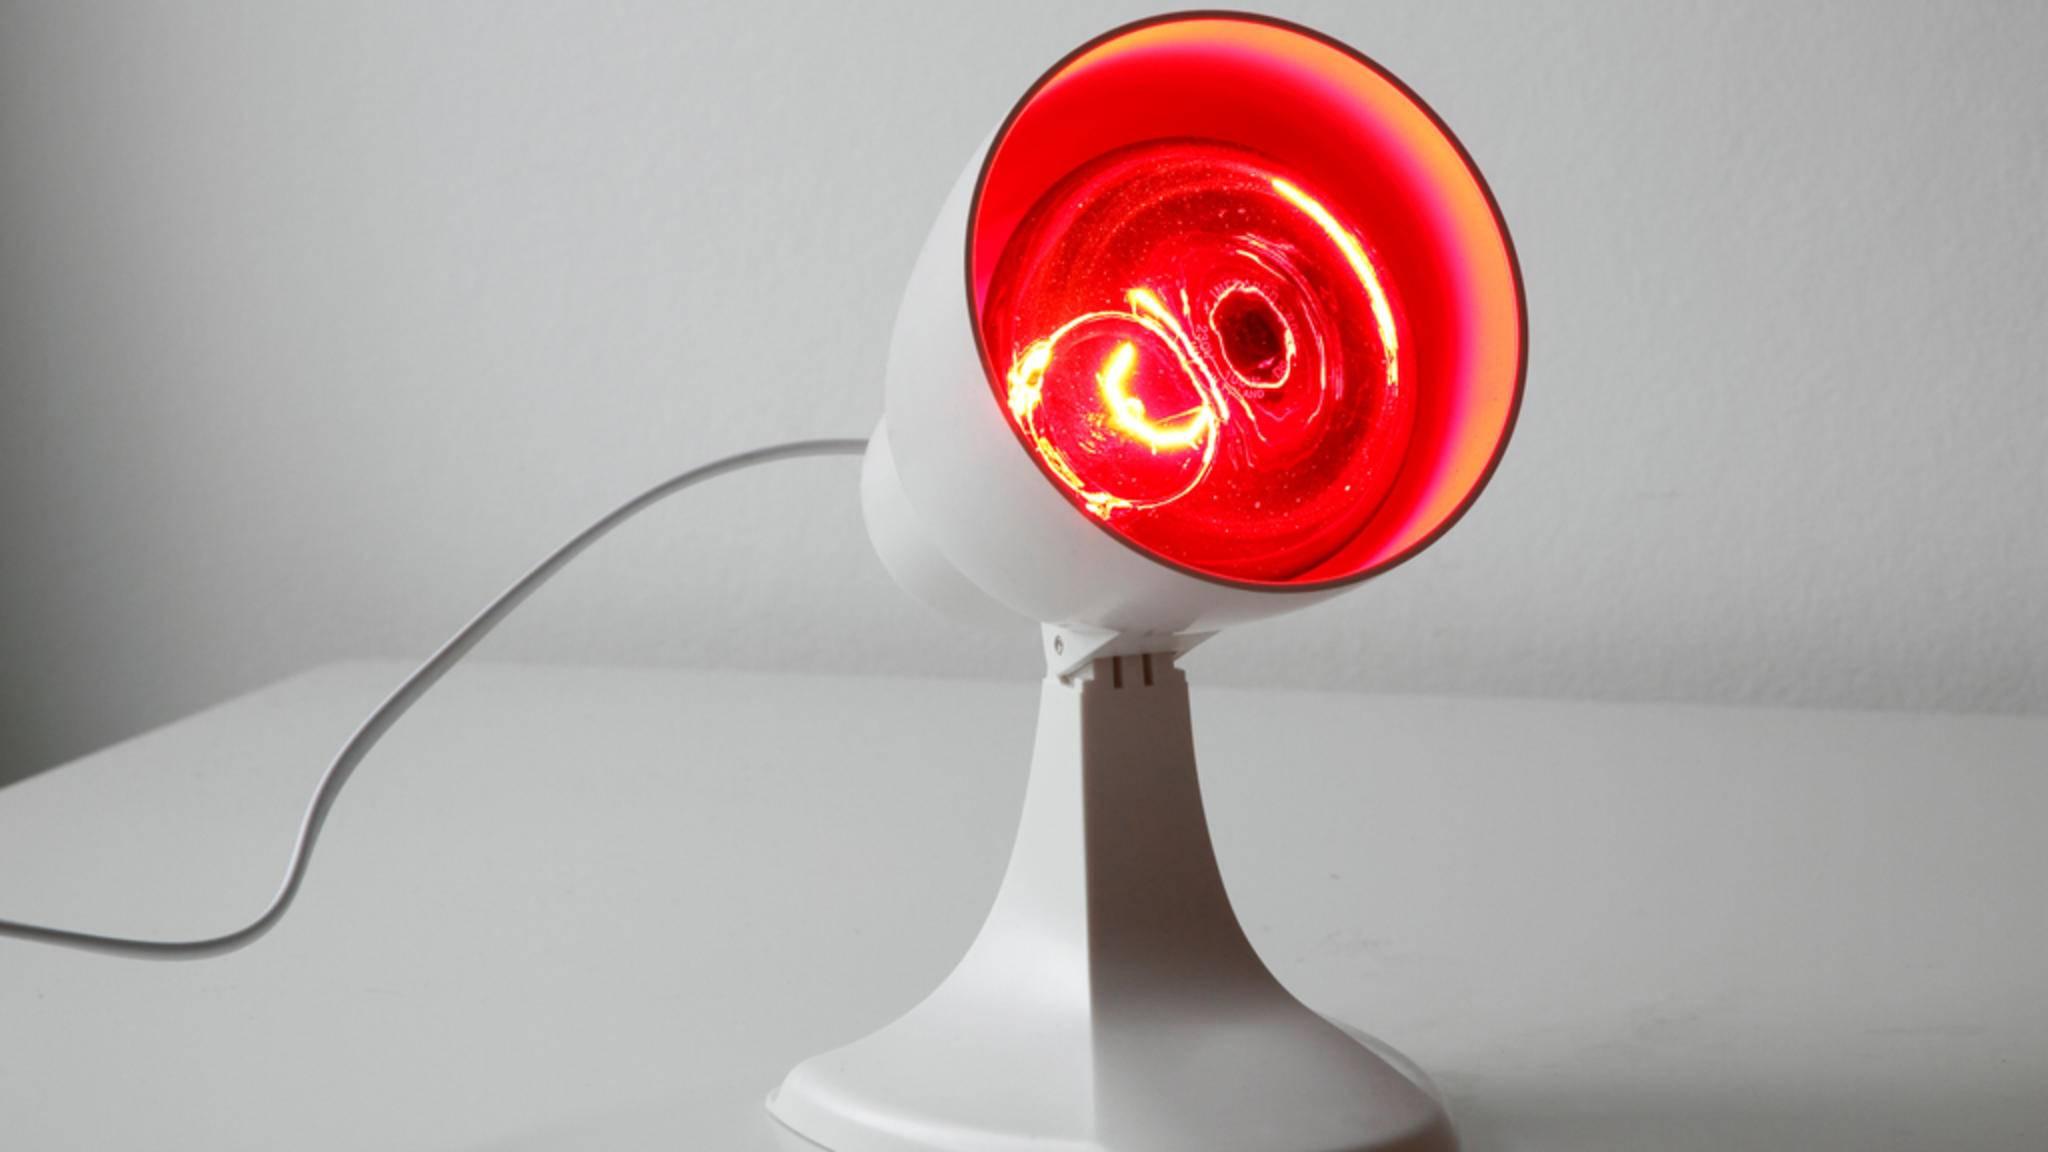 Die Rotlichtlampe kommt gerne bei Erkältungen zum Einsatz, doch das wärmende Licht kann noch mehr.